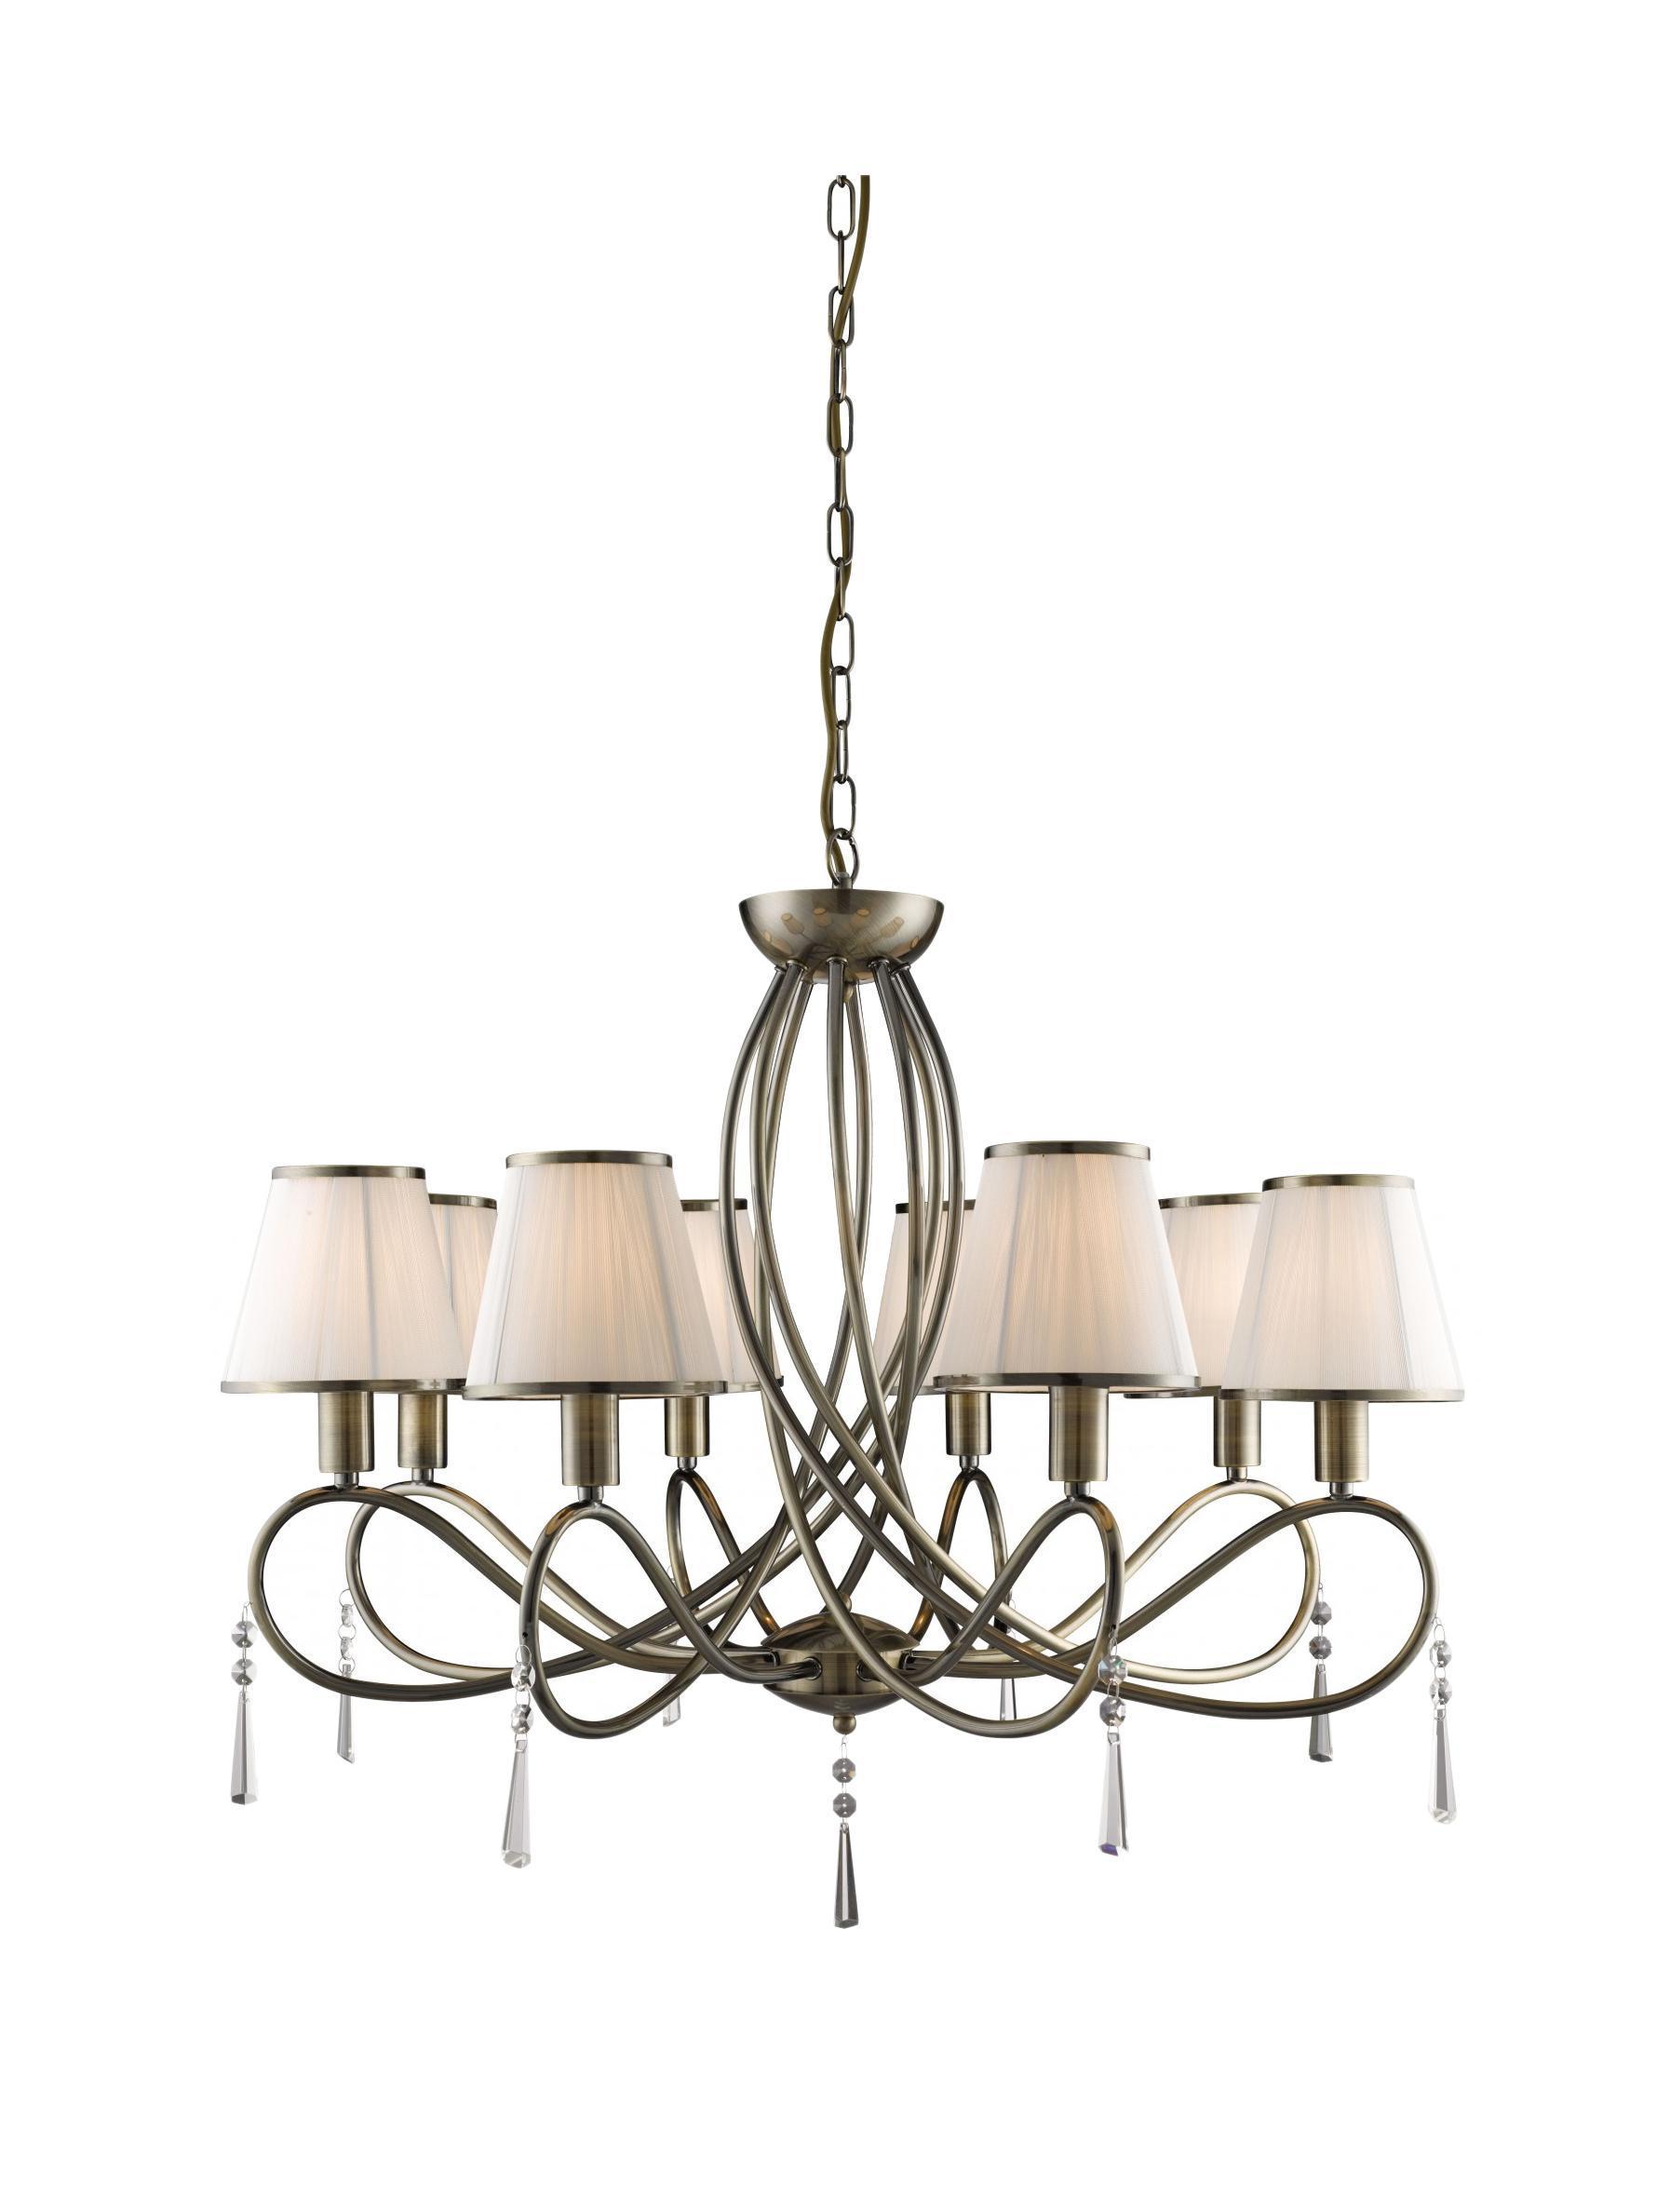 Люстра Arte lamp A1035lm-8ab